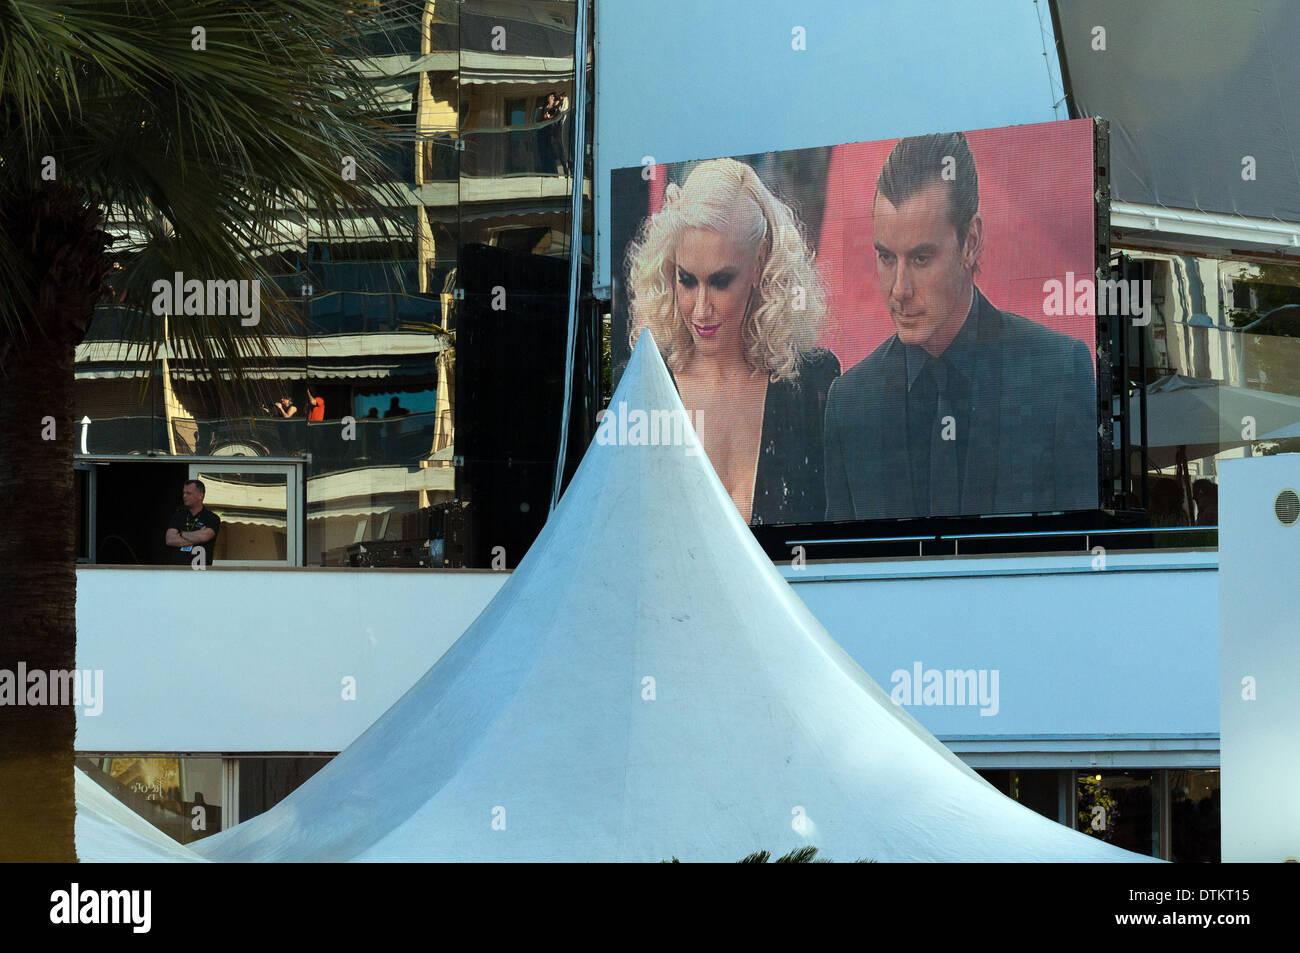 Europa, Frankreich, Alpes-Maritimes, Cannes Filmfestival. Weiterverbreitung von den roten Teppich auf der großen Leinwand. Stockbild